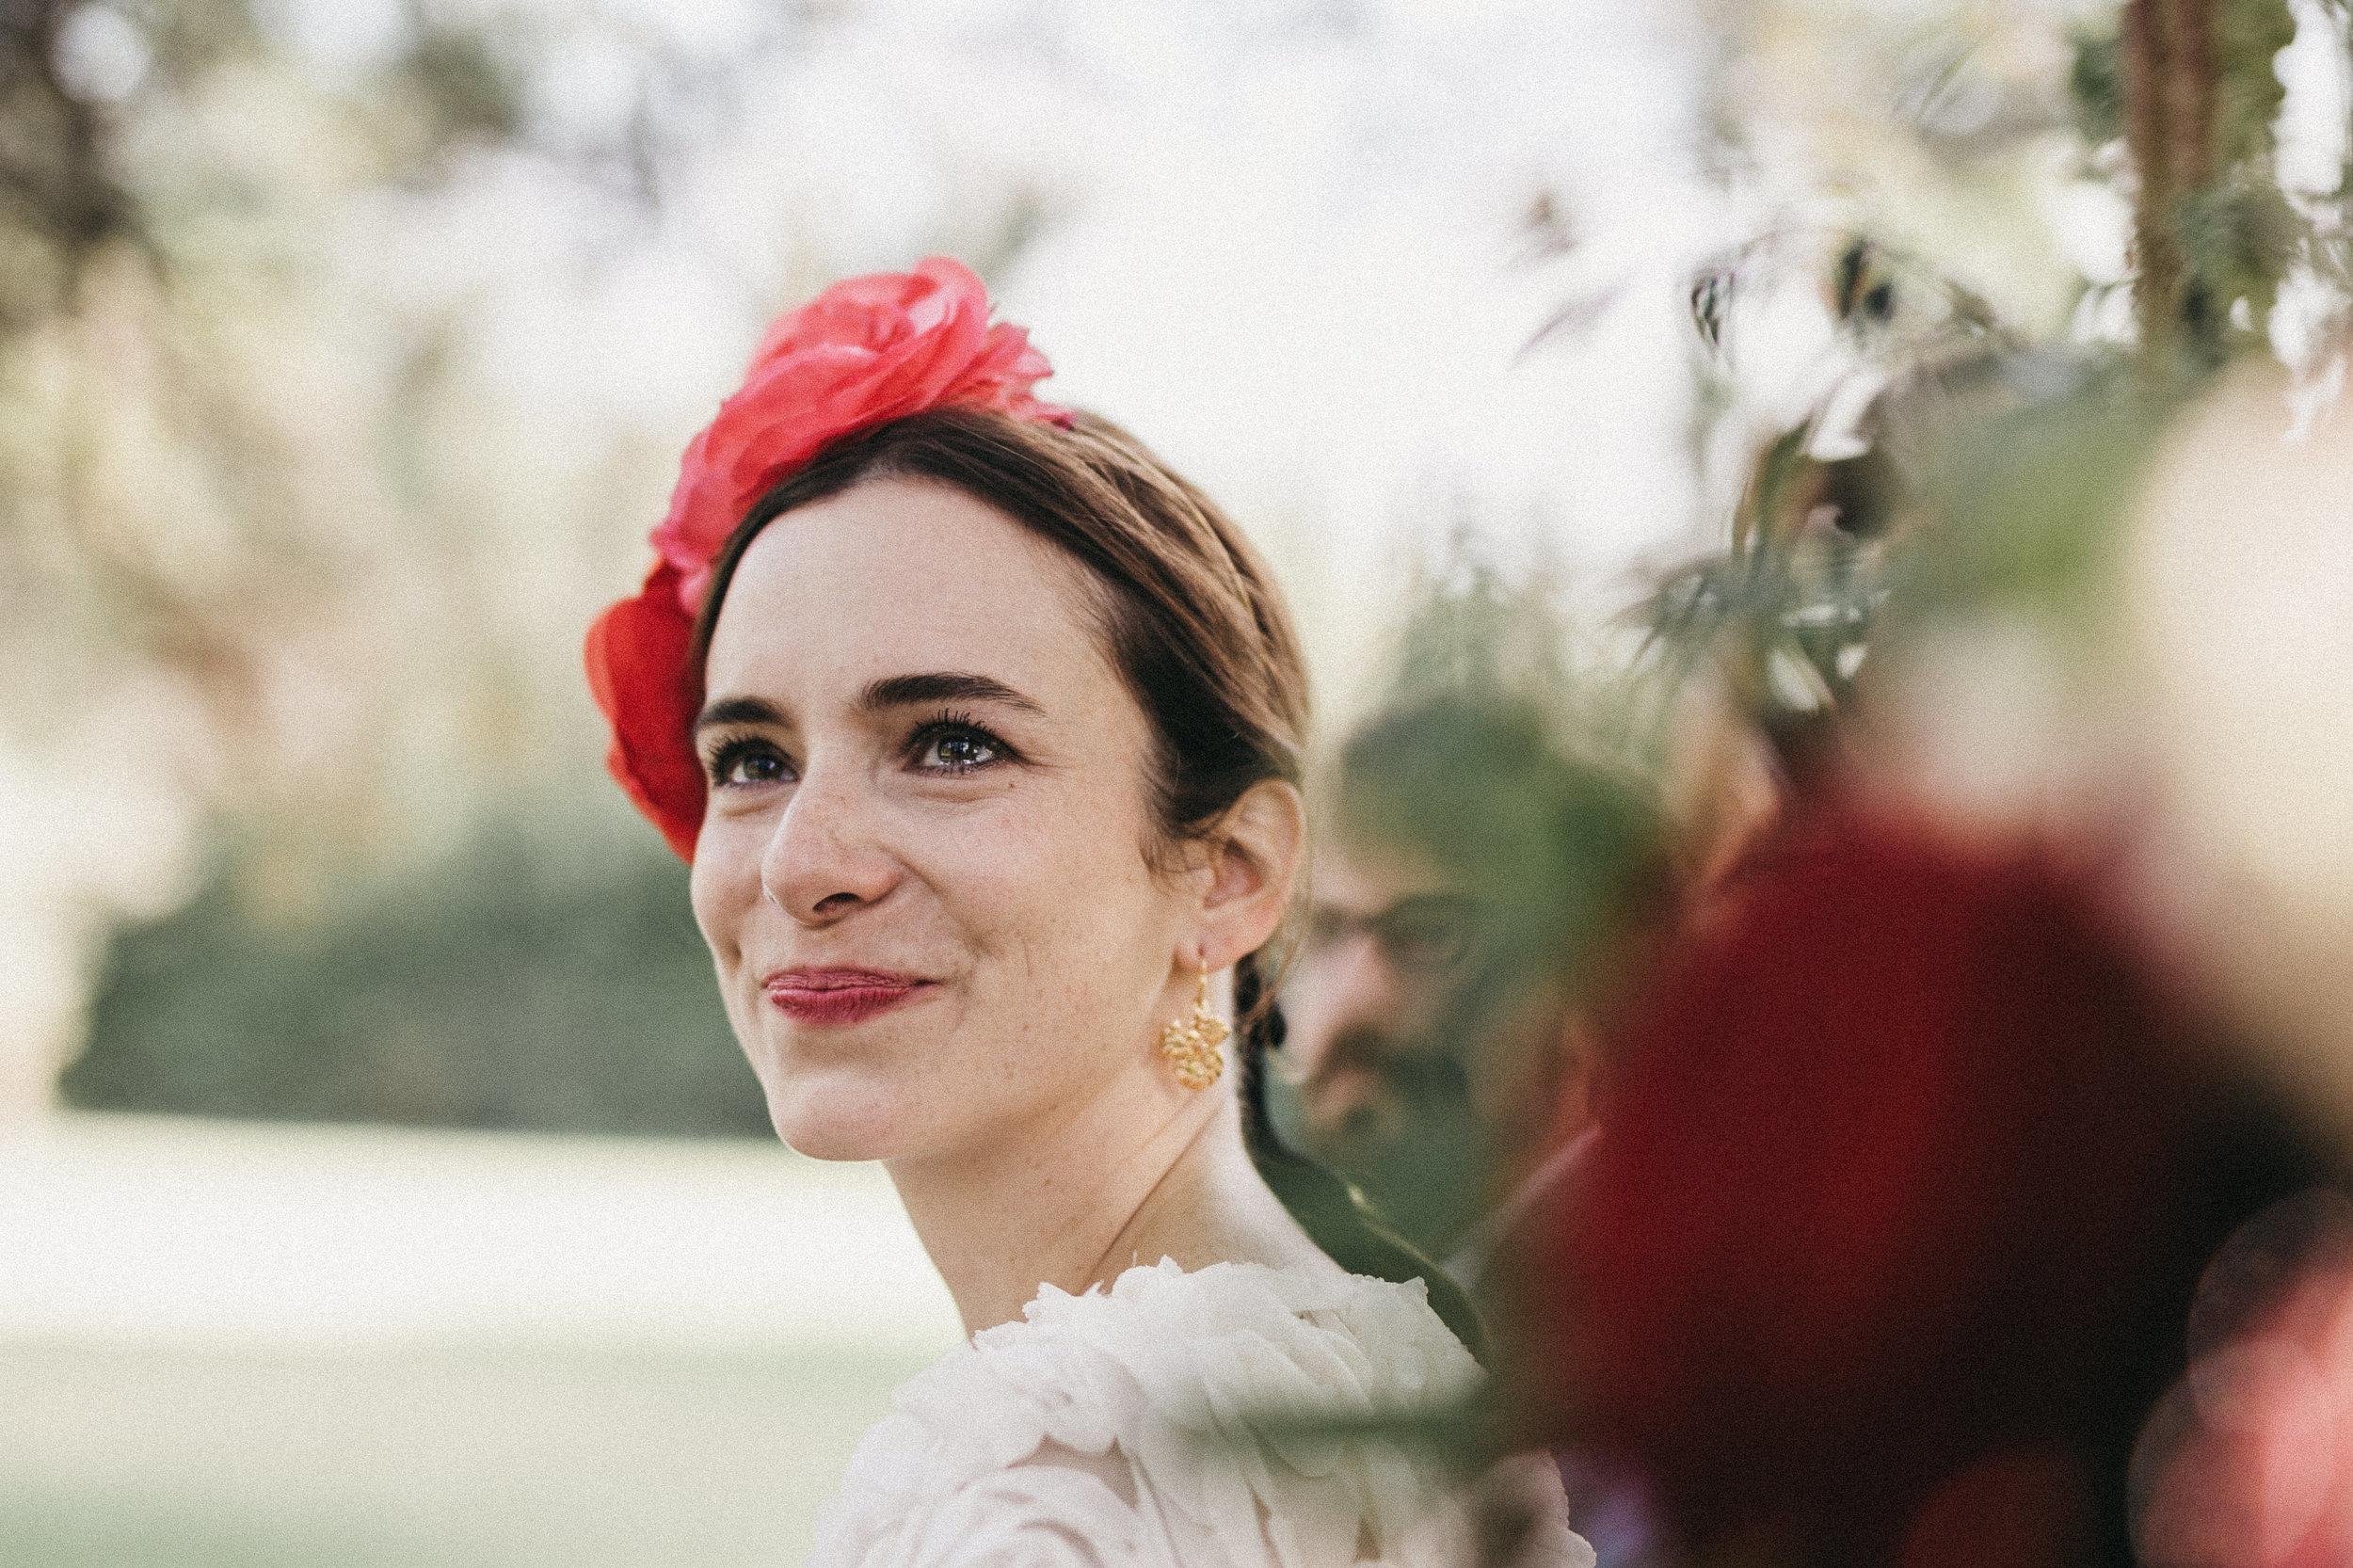 Fotografo de bodas españa serafin castillo wedding photographer spain 000.jpg